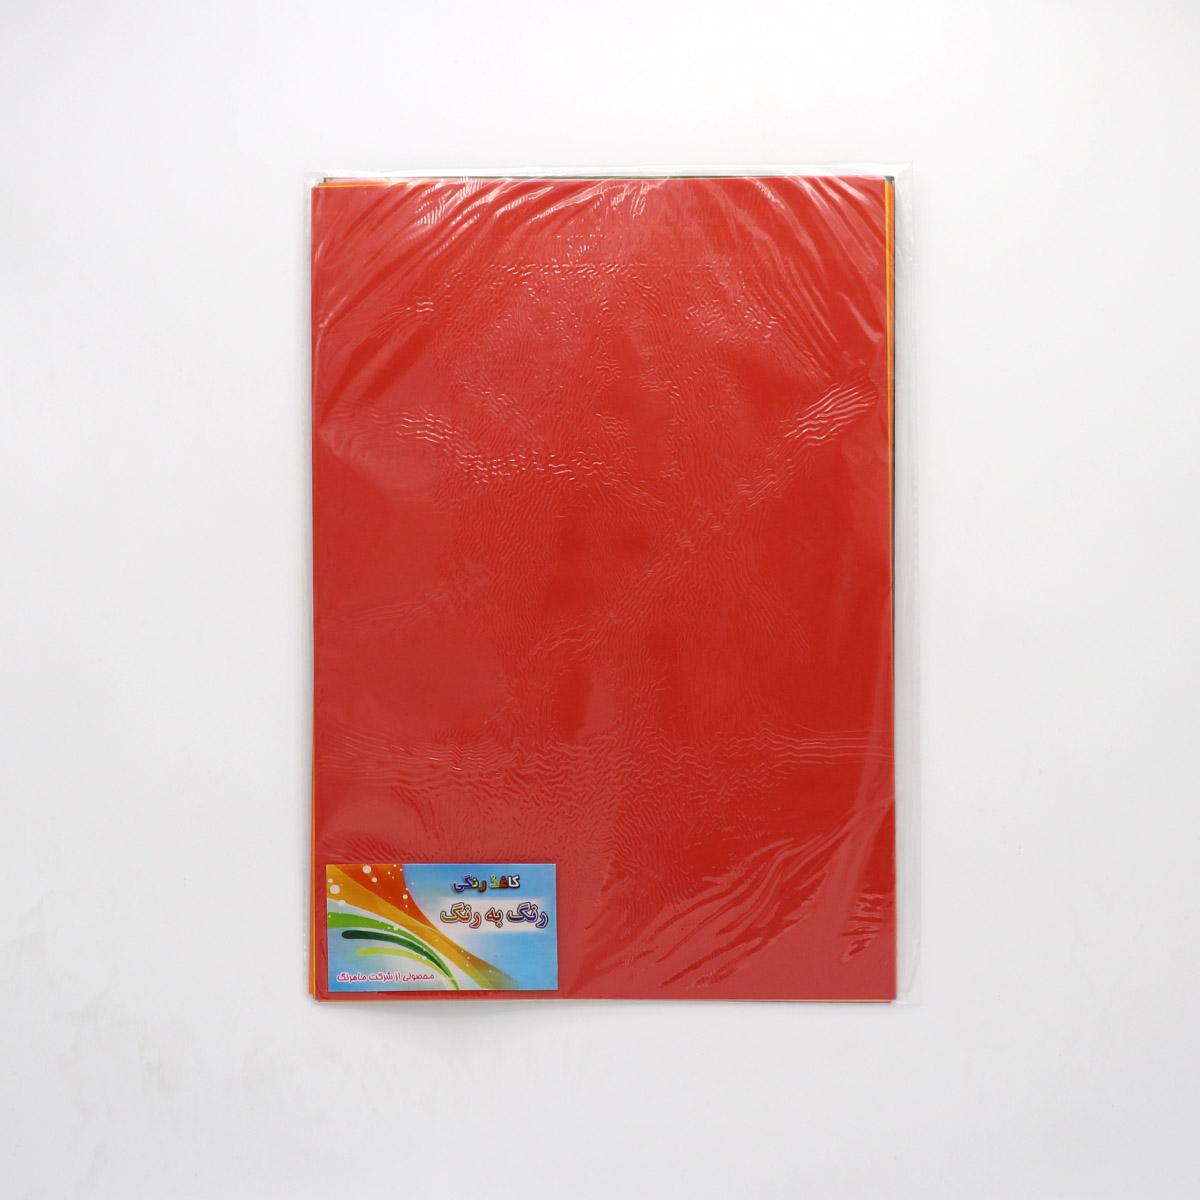 بسته کاغذ A4 رنگي 20 برگ رنگ به رنگ